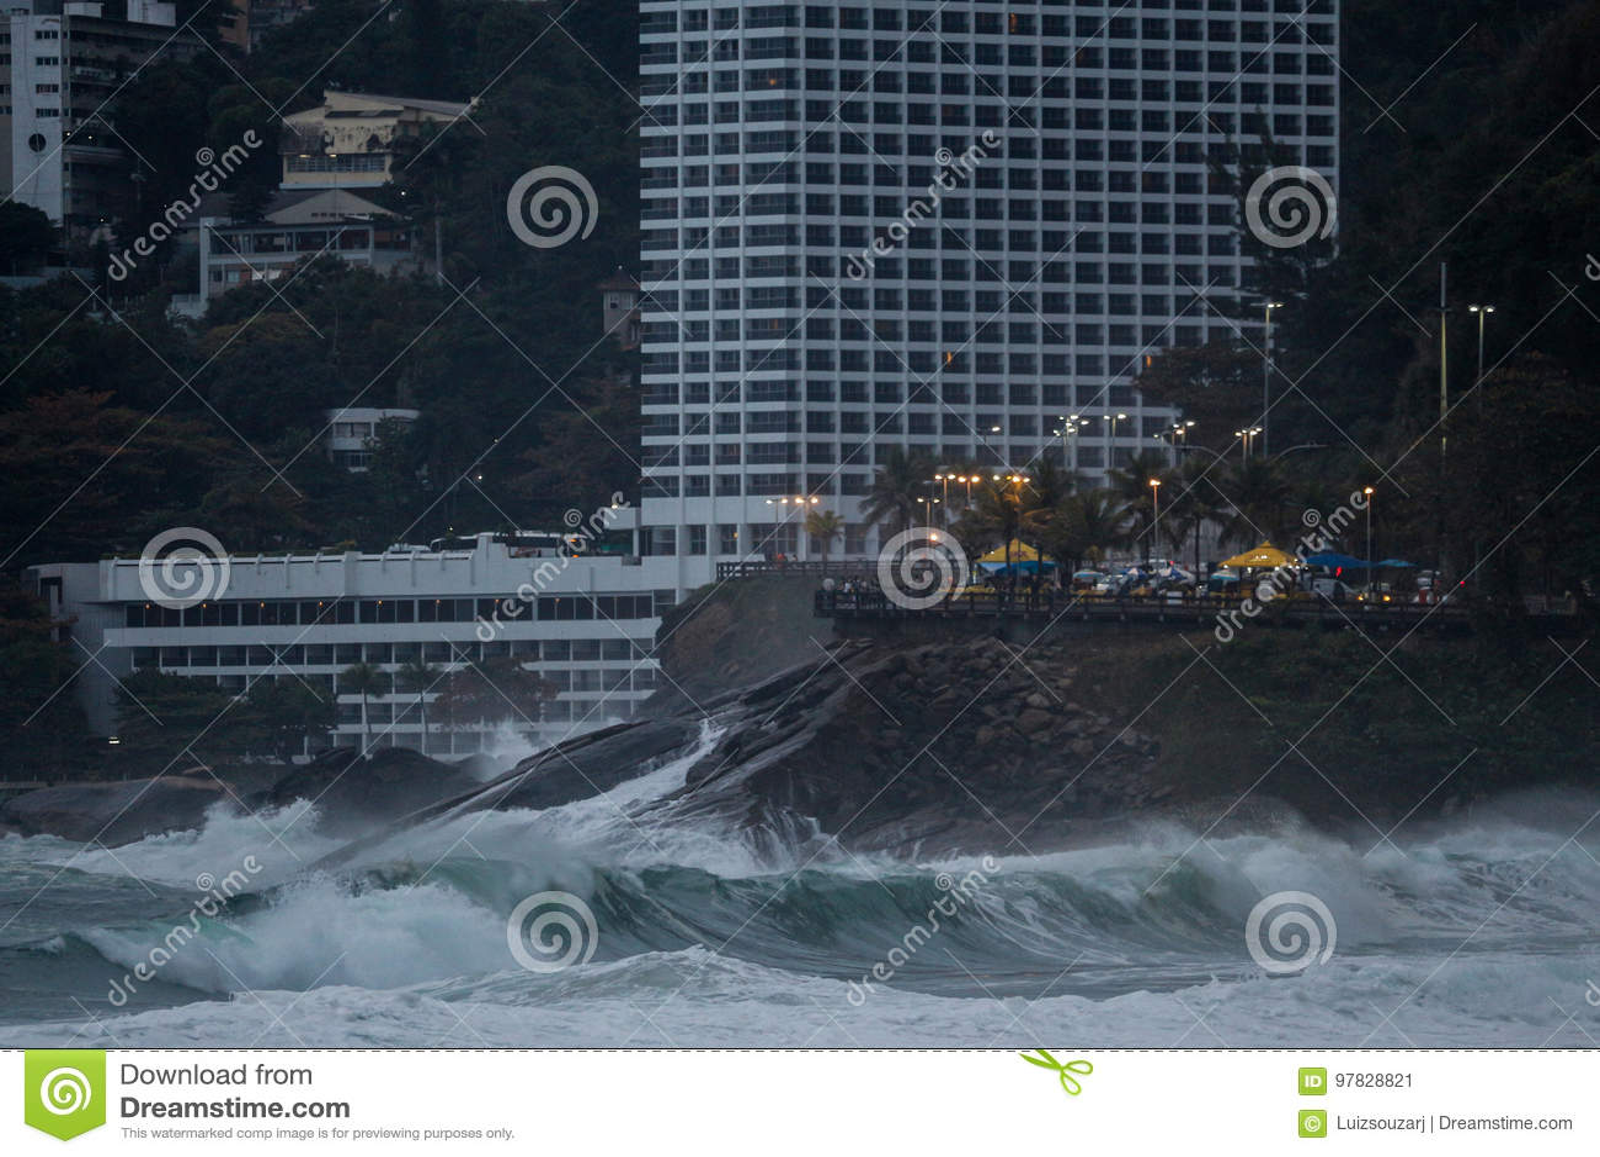 Rio de Janeiro has rough seas on a hangover day